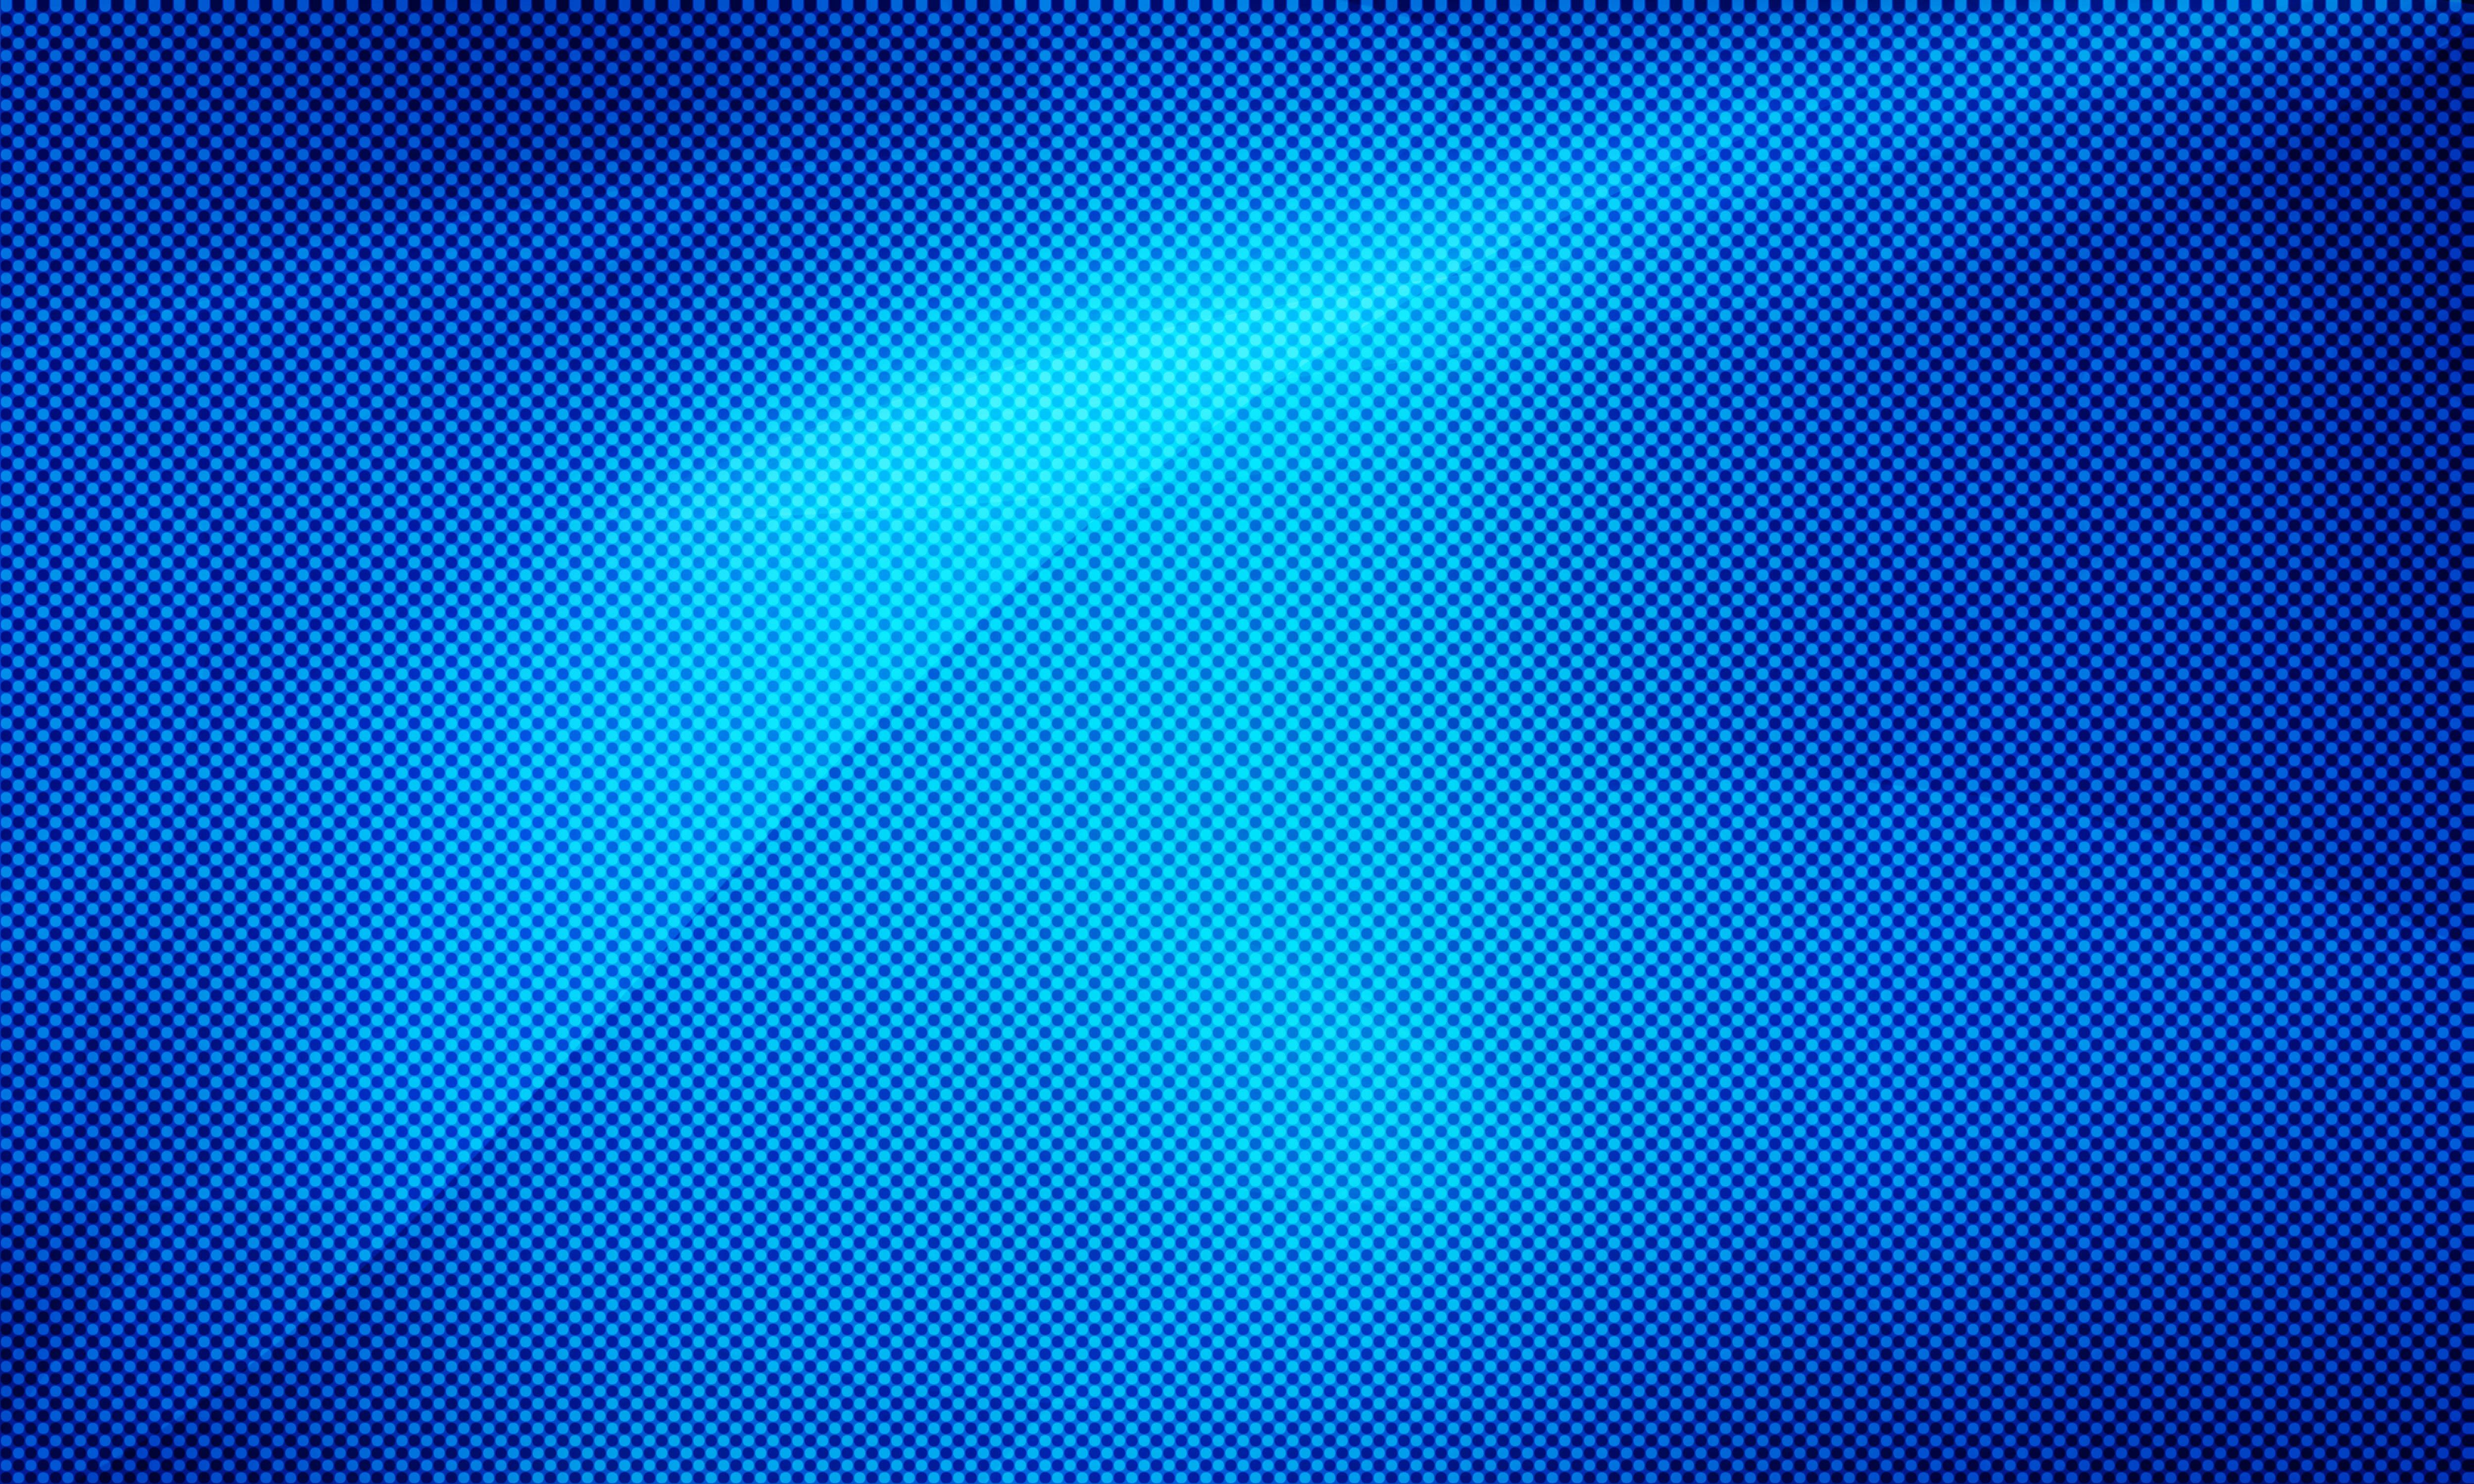 Fonds d 39 cran abstrait bleu maximumwall for Fond ecran tablette hd